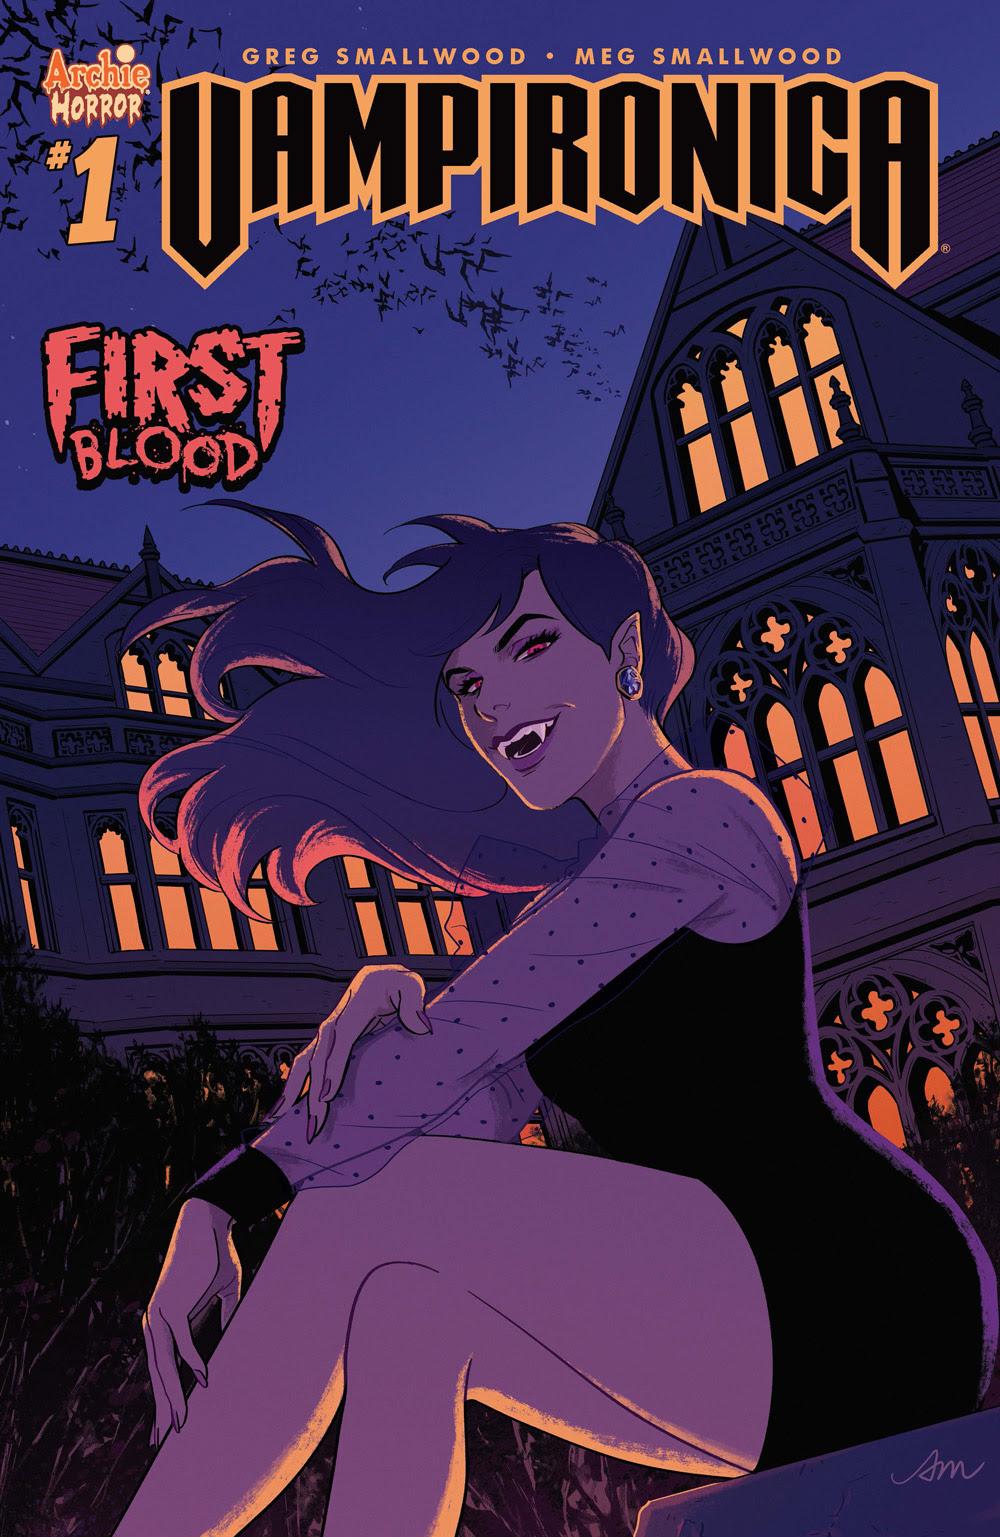 Vampironica #1: CVR C Mok